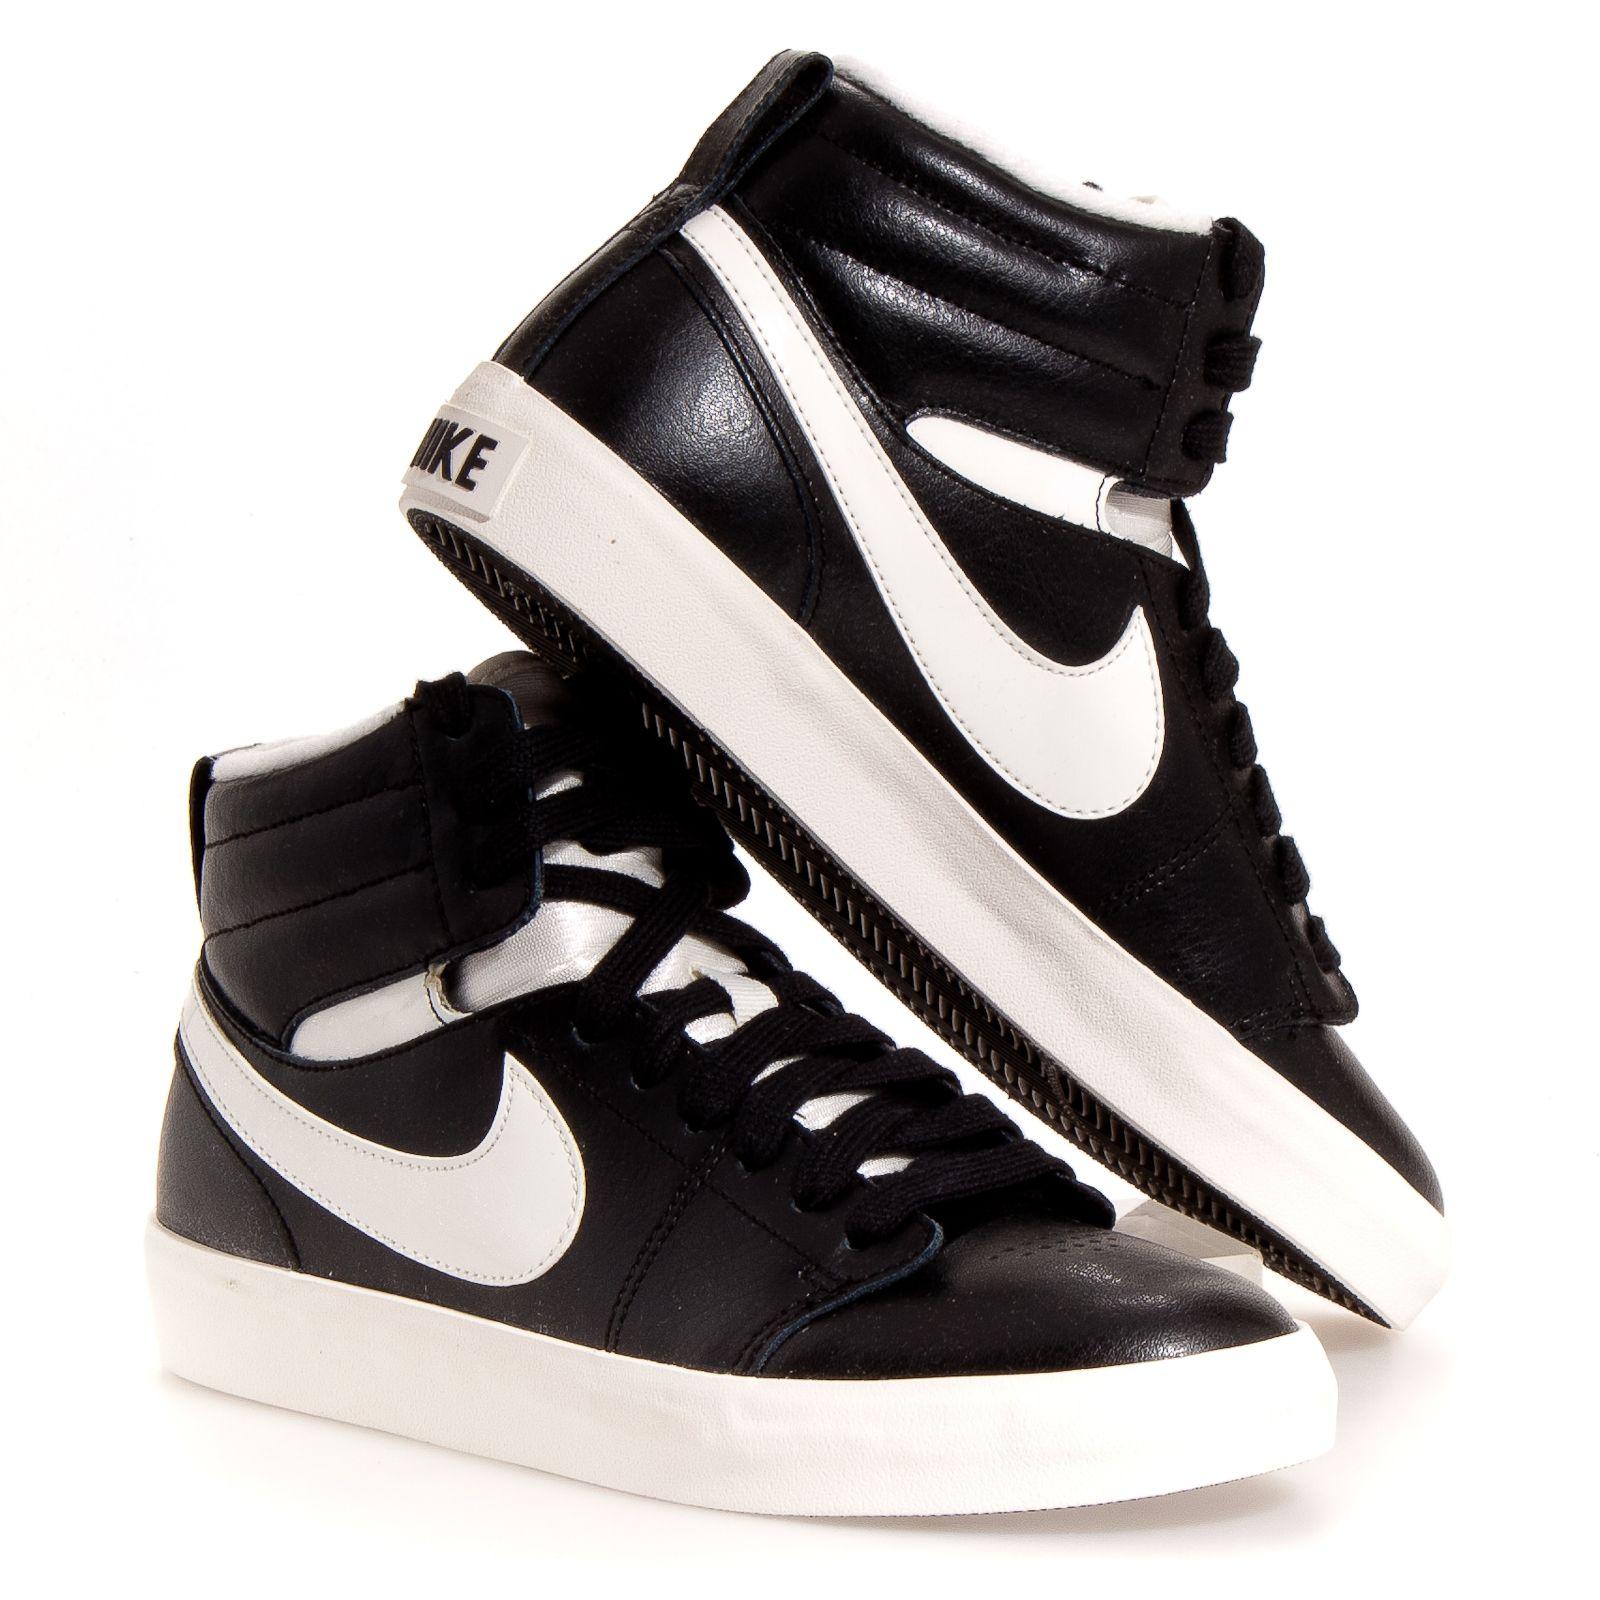 Nike Chaussures Noir Et Blanc Panier De Basket sortie prédédouanement ordre Remise véritable BkyOUikvhD